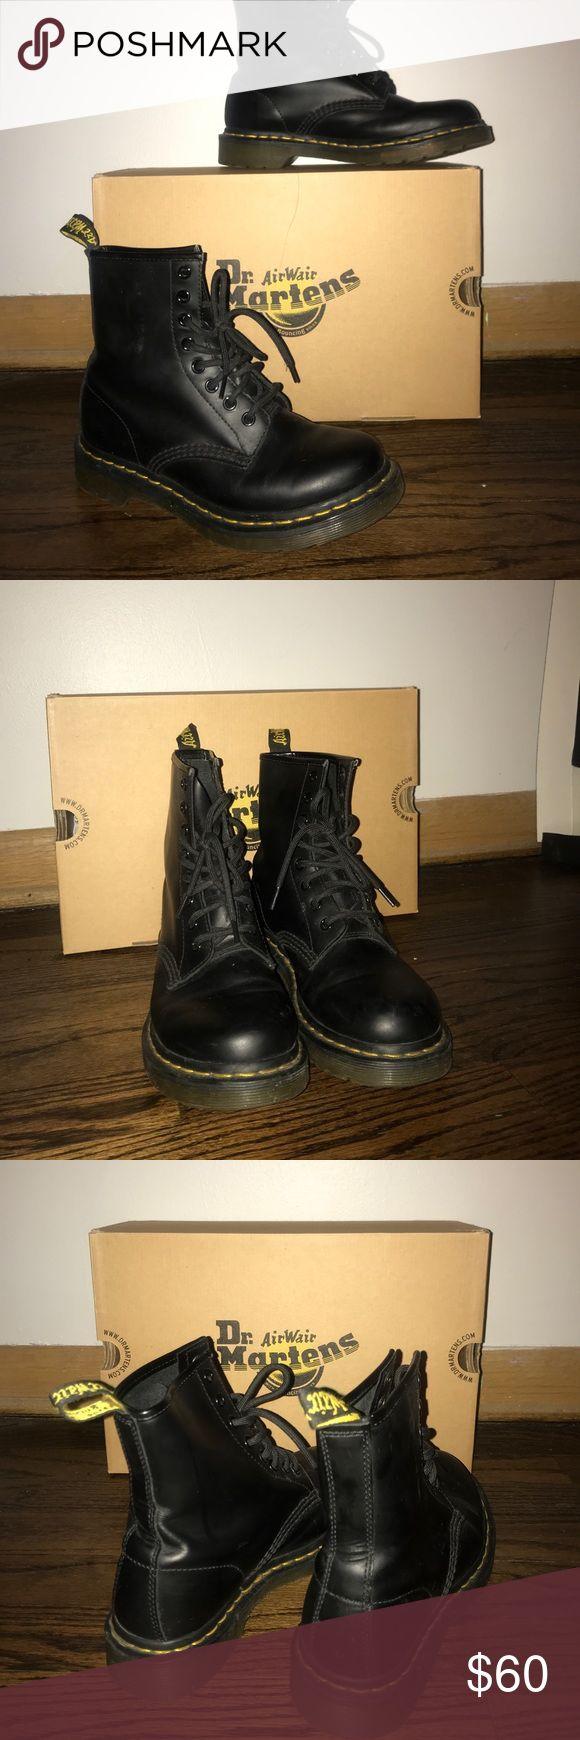 Dr. Martens Shoes Womens Black Size 6 For sale!! Worn once! Womens Black Dr. Martens Air Wair Size 6!! Dr. Martens Shoes Combat & Moto Boots